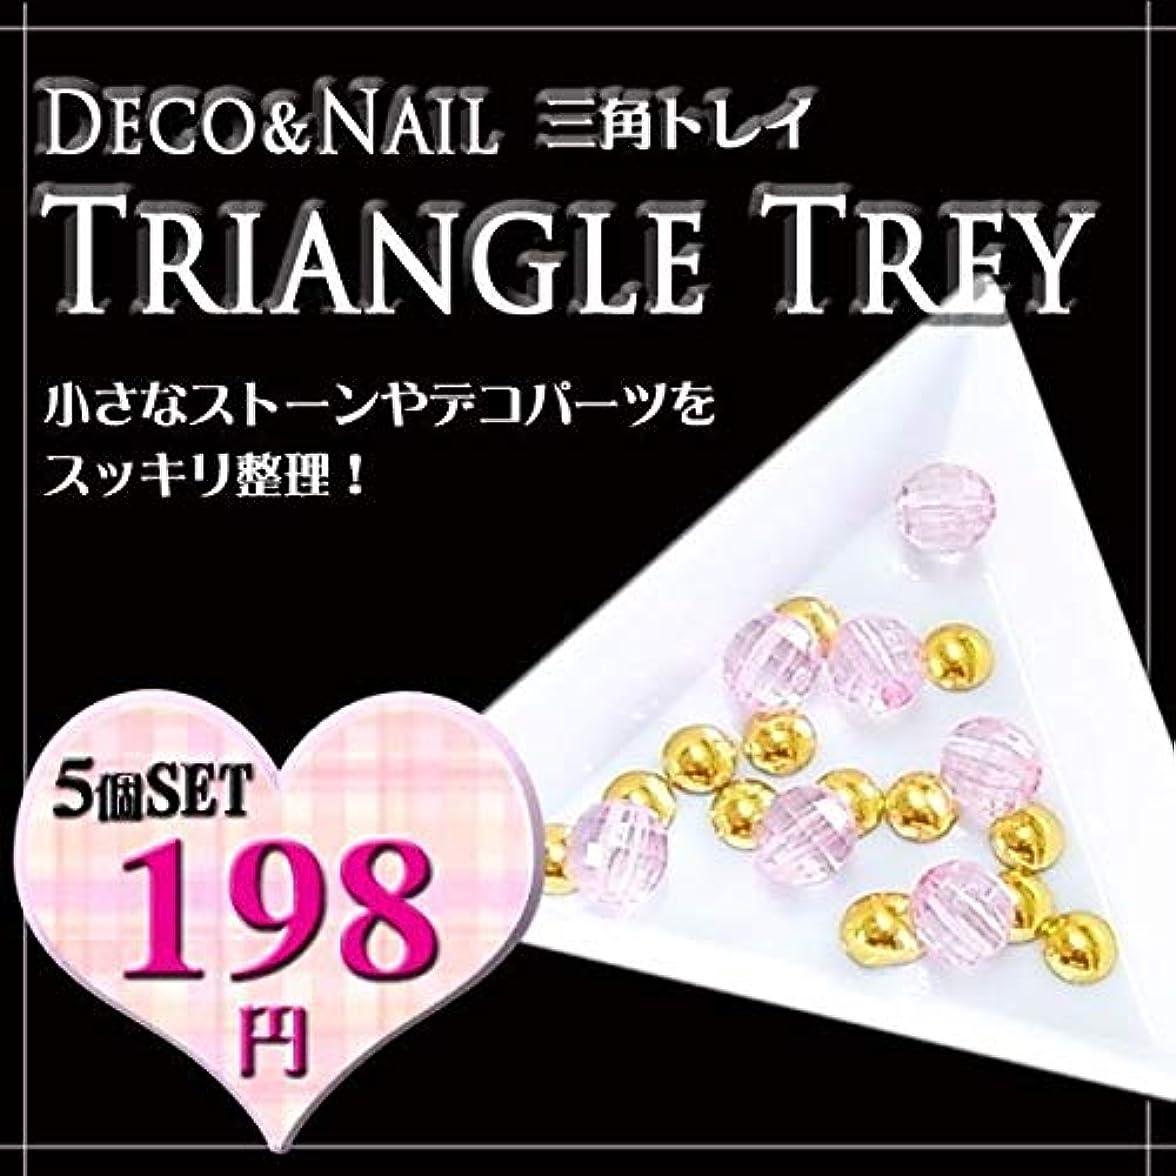 合併症輝く一過性三角トレイ 5個セット